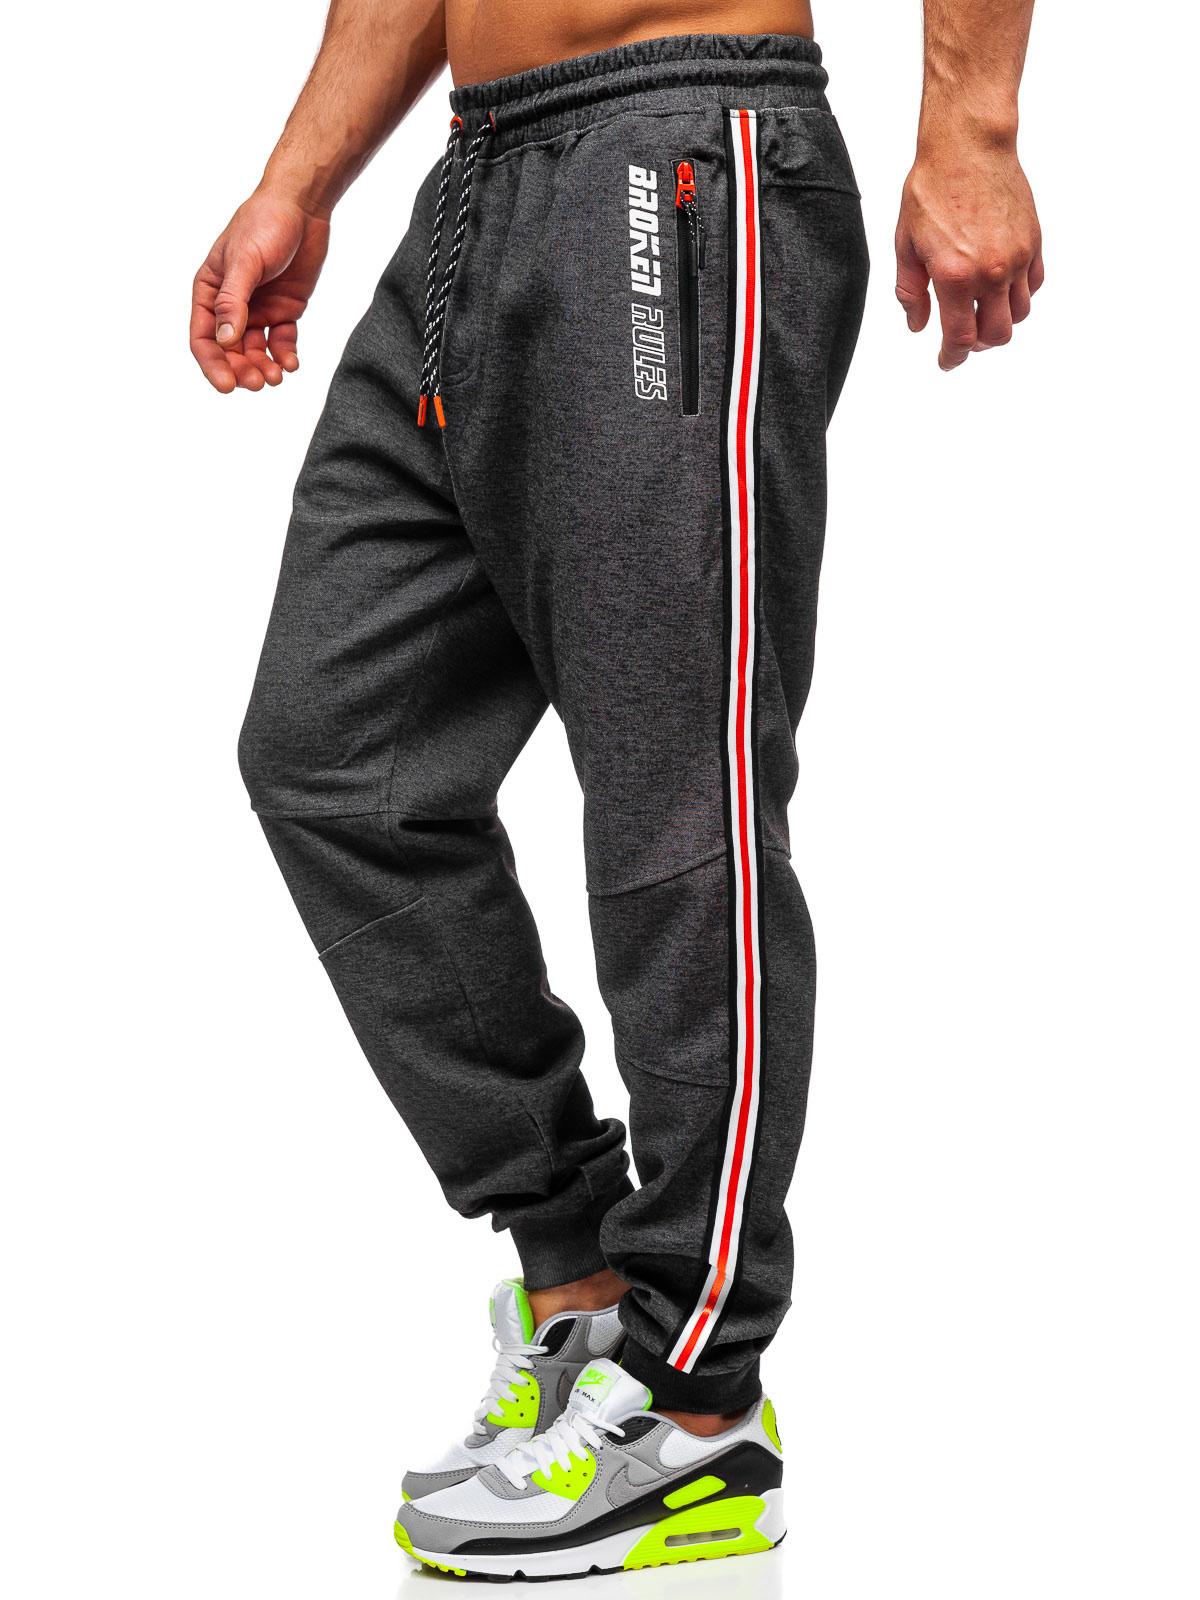 Joggerhose Hose Trainingshose Sporthose Laufhose Classic Sport Herren BOLF Motiv